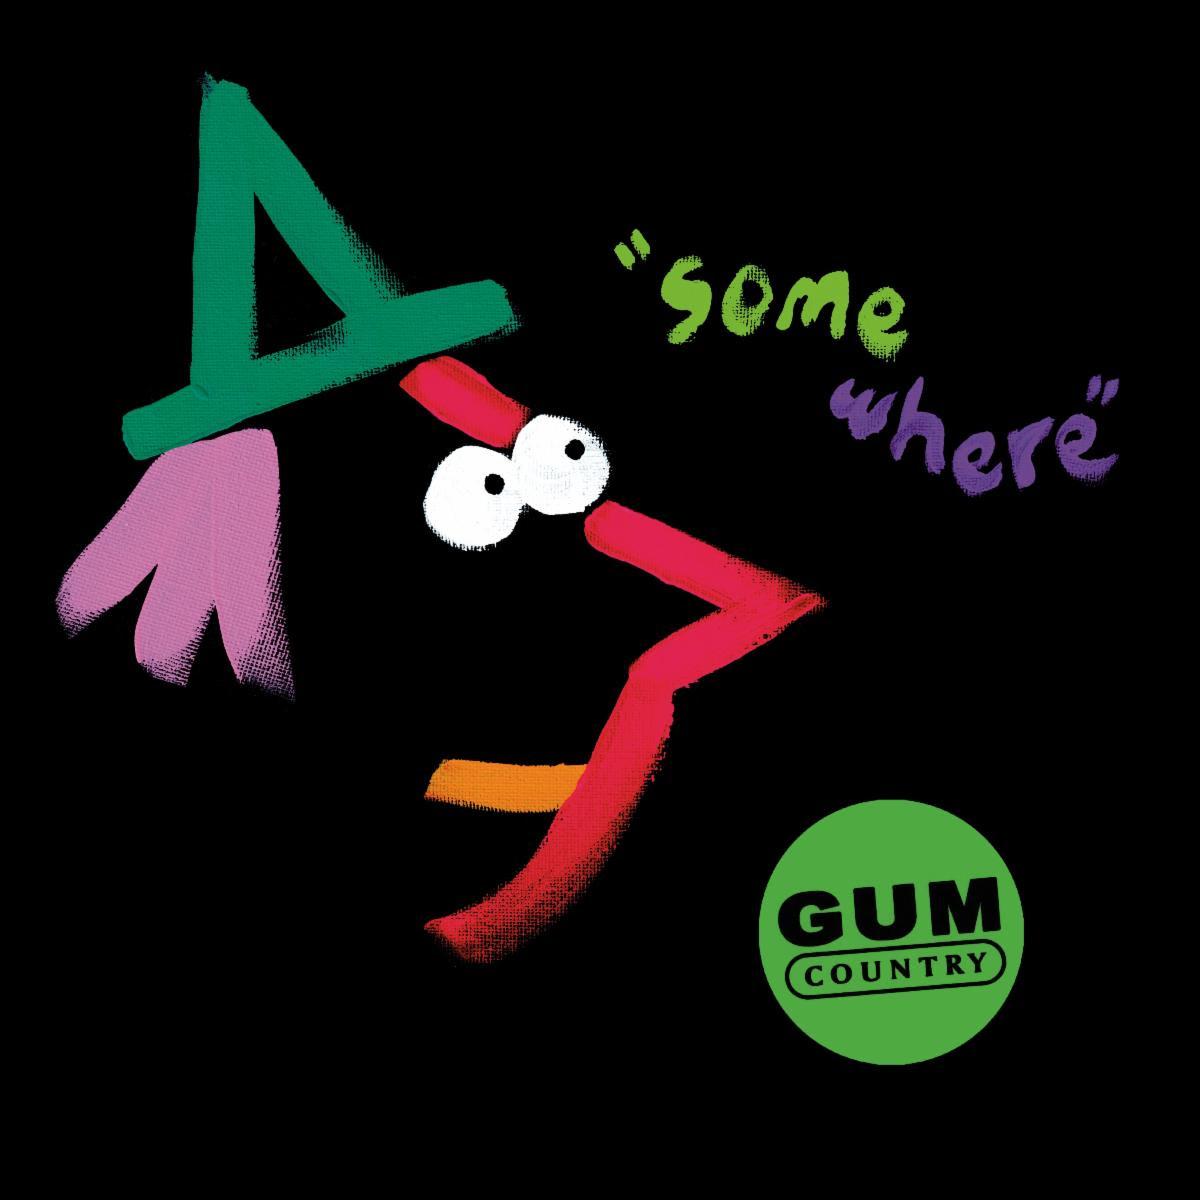 Gum Country Somewhere